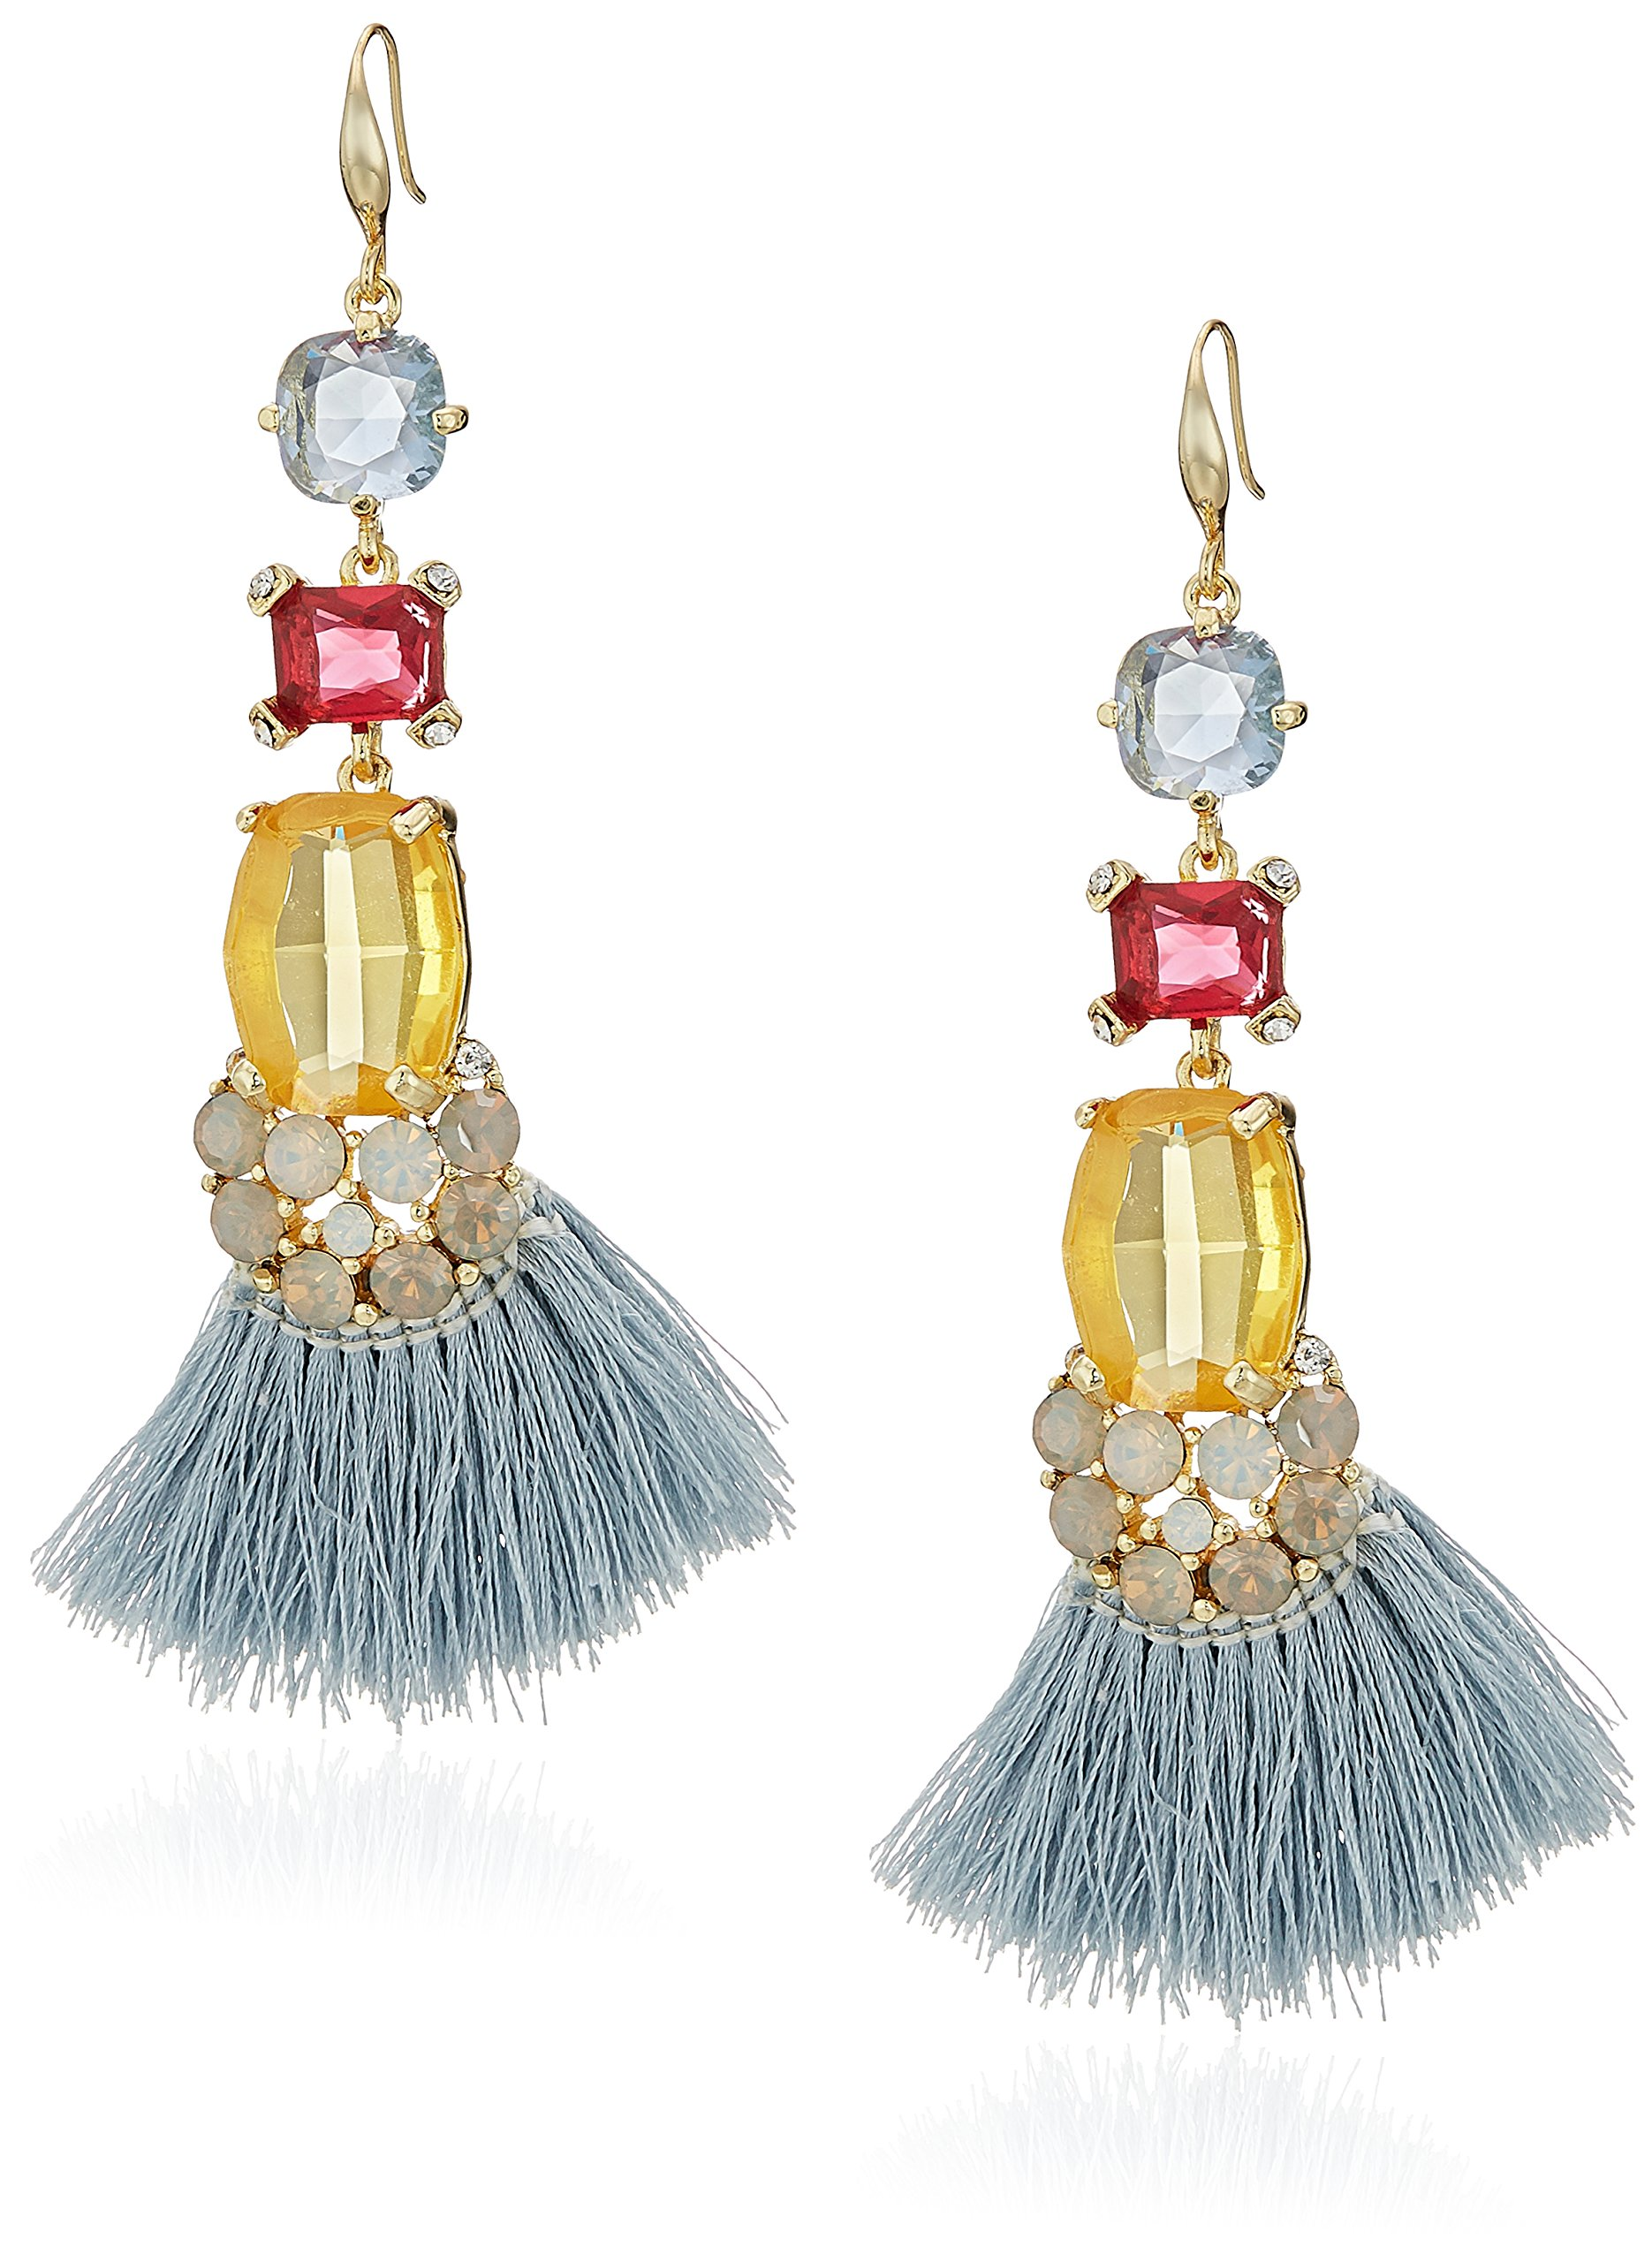 Badgley Mischka Womens Multi Stone & Blue Tassel Gold Tone Drop Earrings, One Size